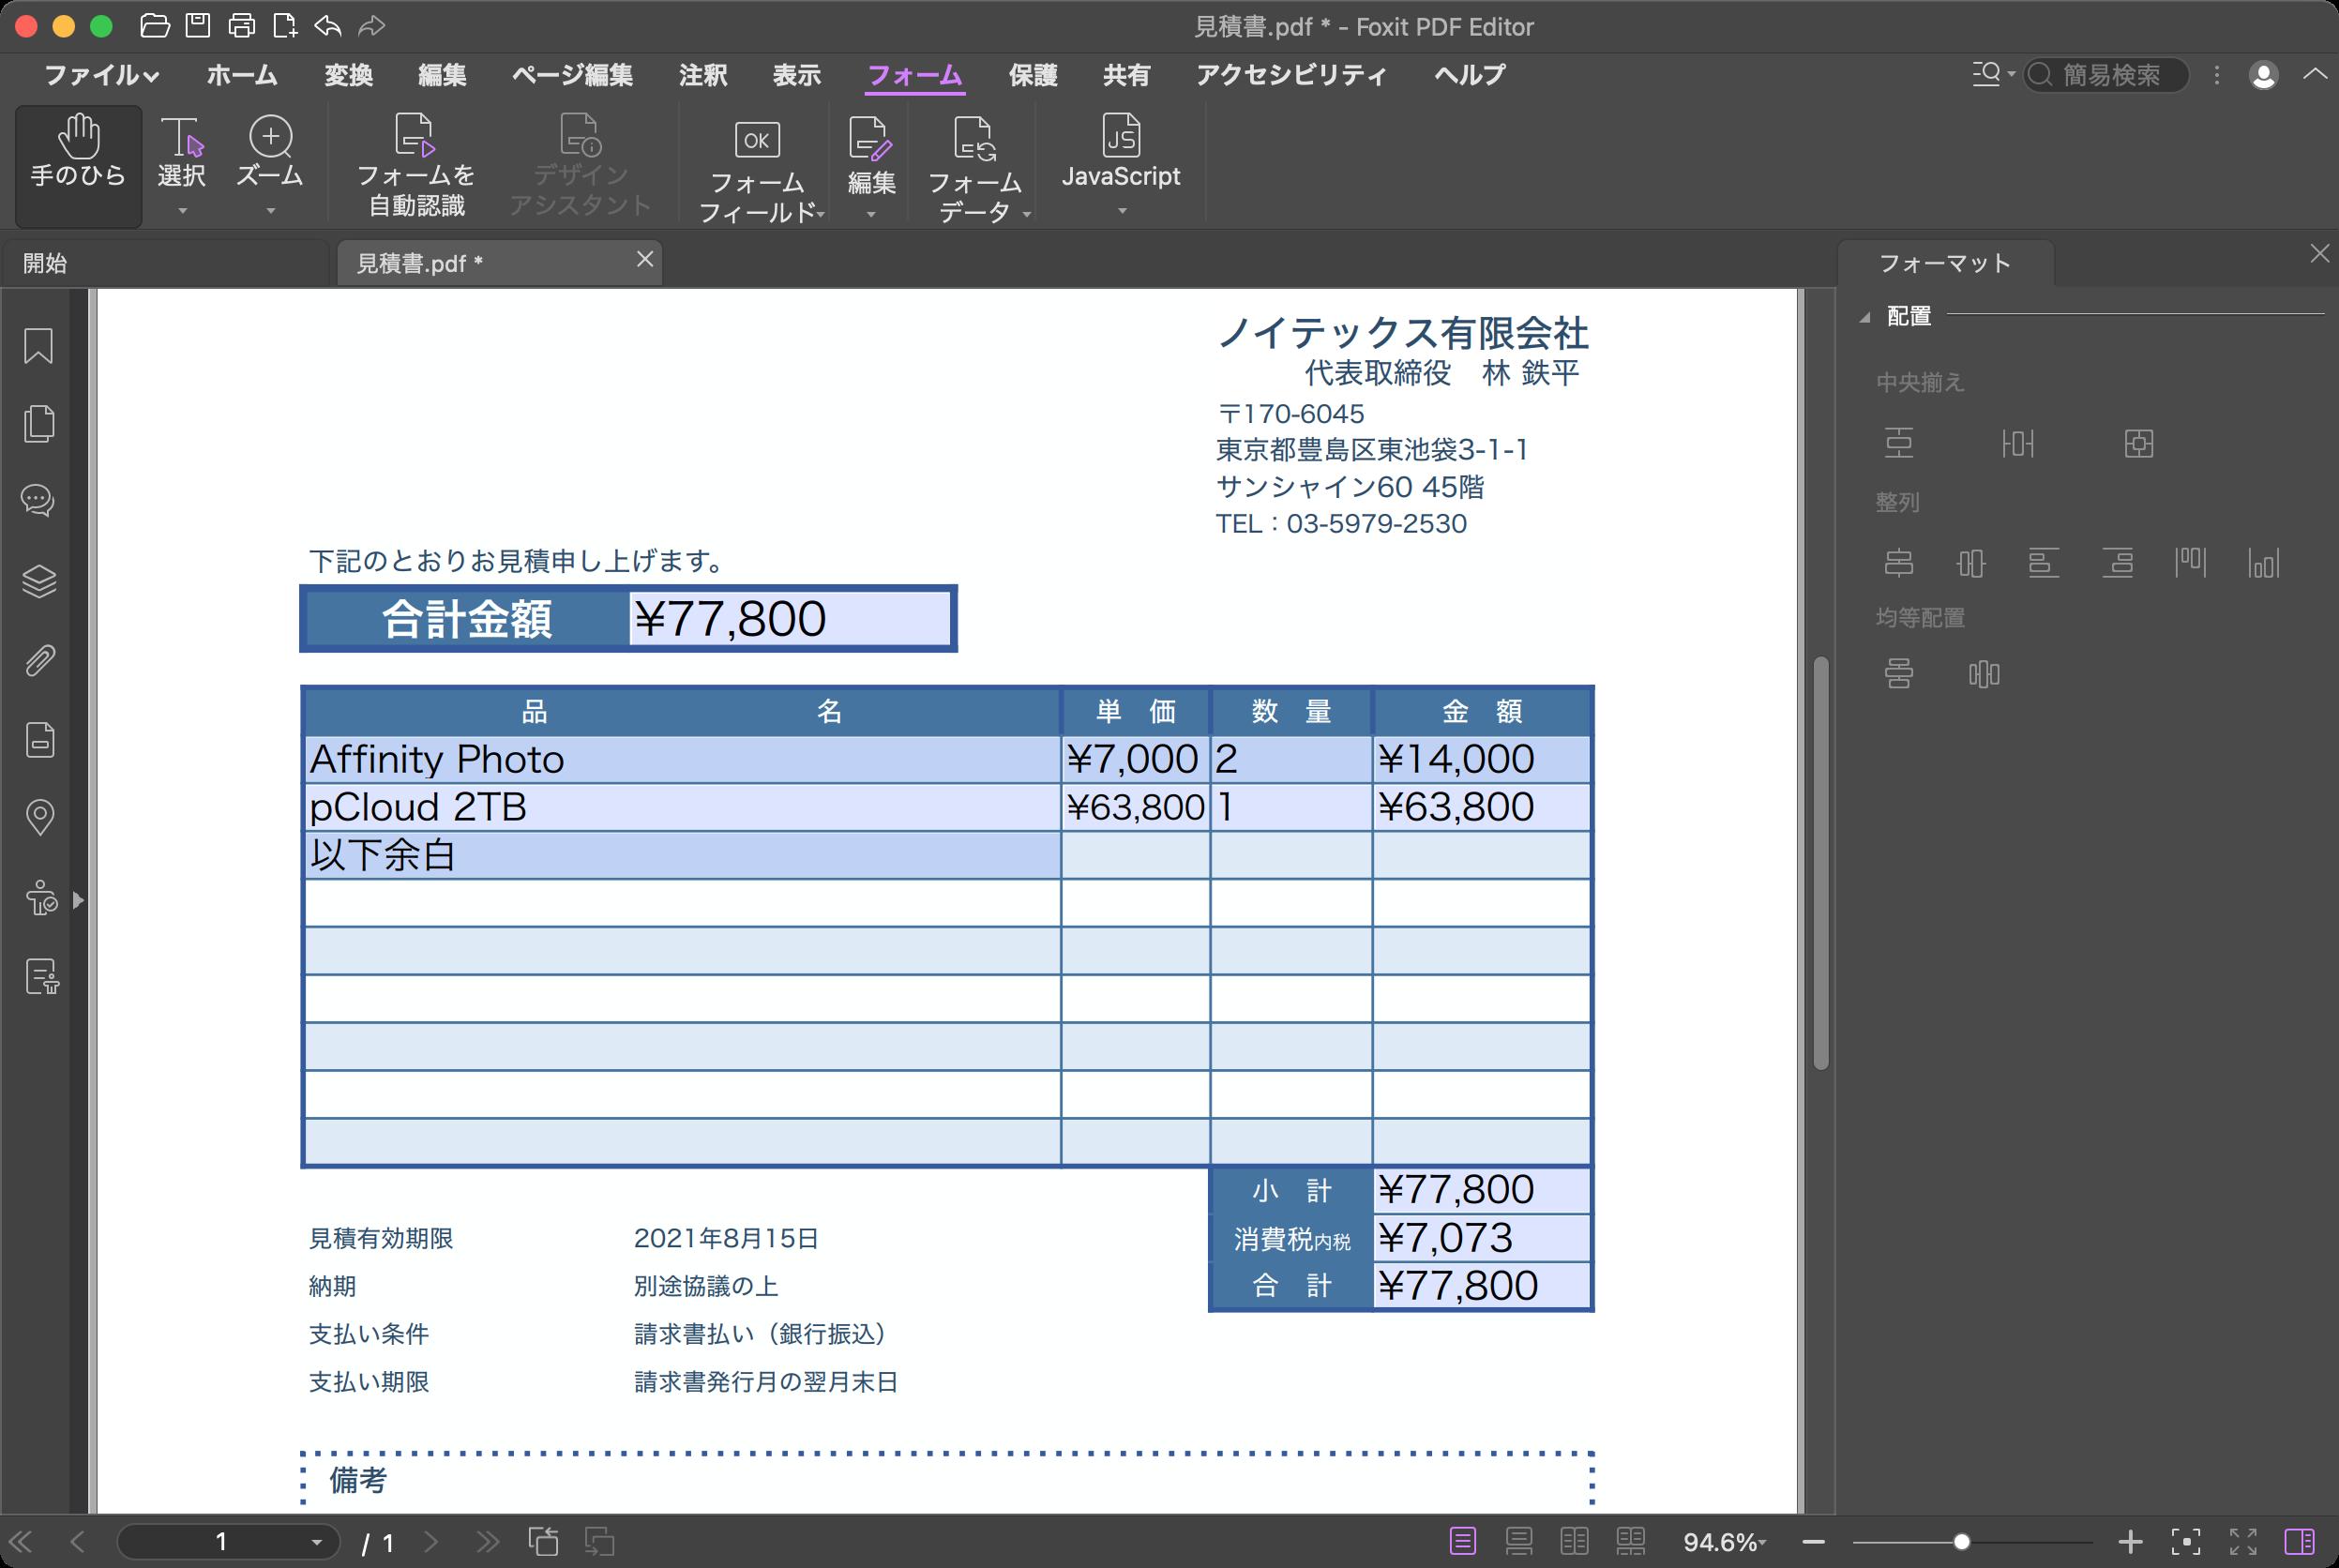 Foxit PDF Editor 入力フォーム